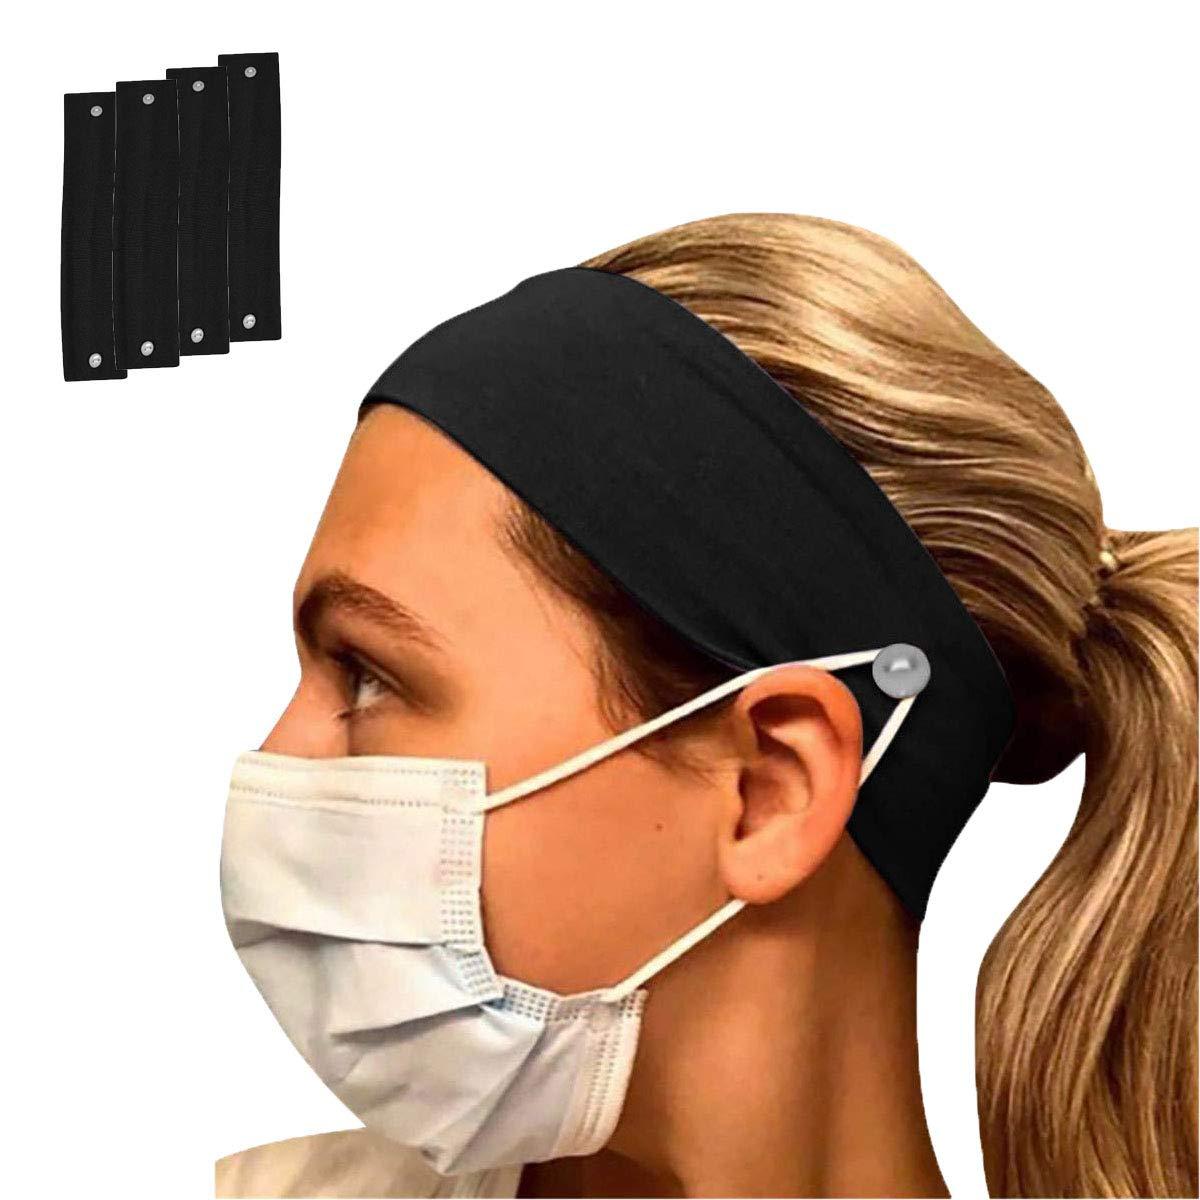 Krankenschwestern /Ärzte M/änner Ohrenschutz 4 St/ück Cloud Heart Stirnband//Maskenhalter f/ür Frauen